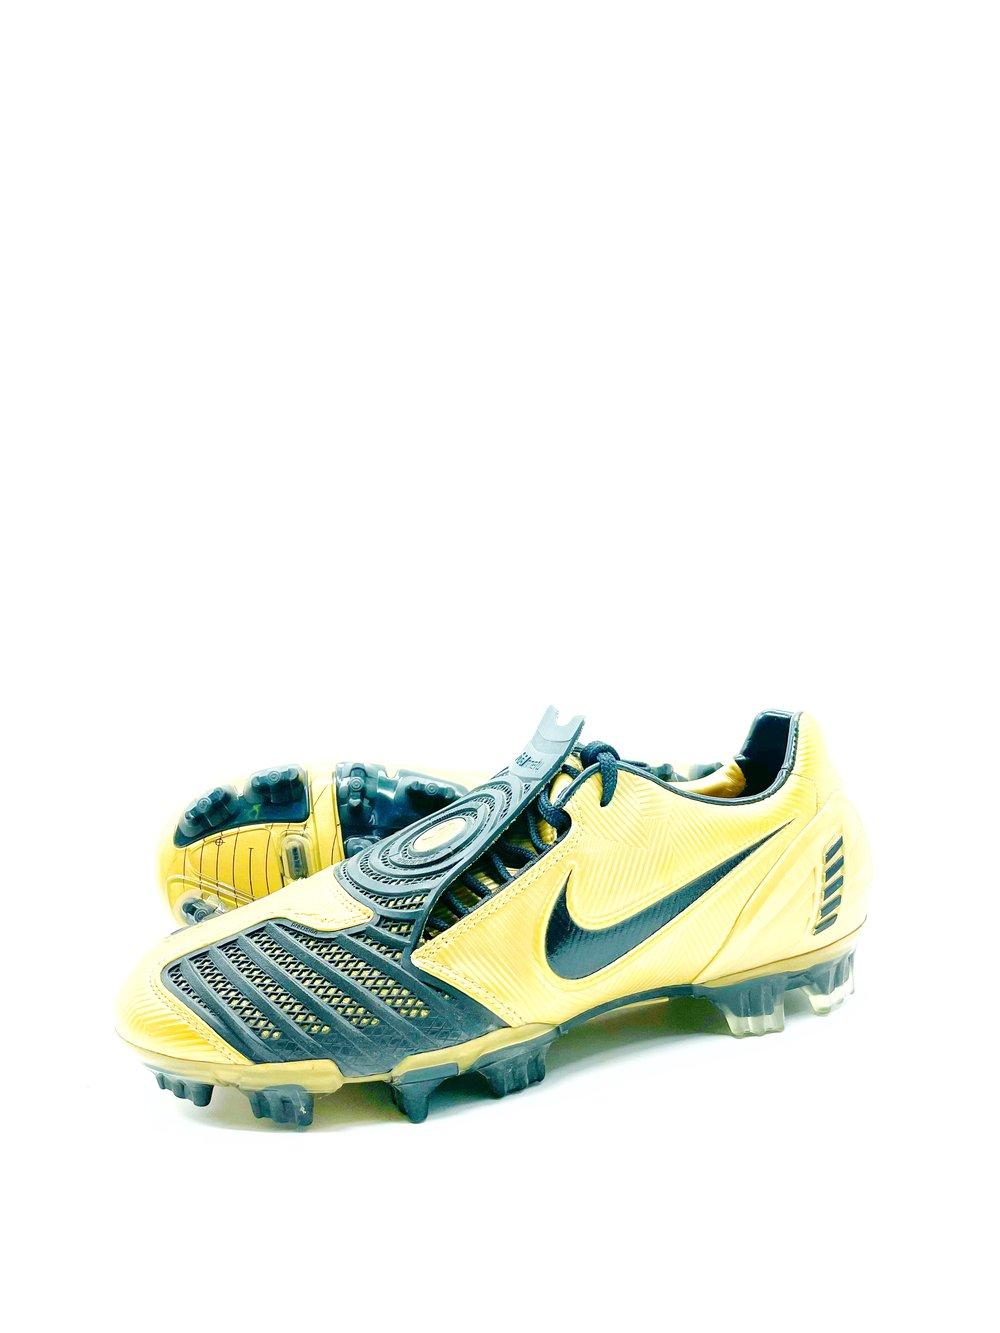 Image of Nike total90  laser FG GOLD